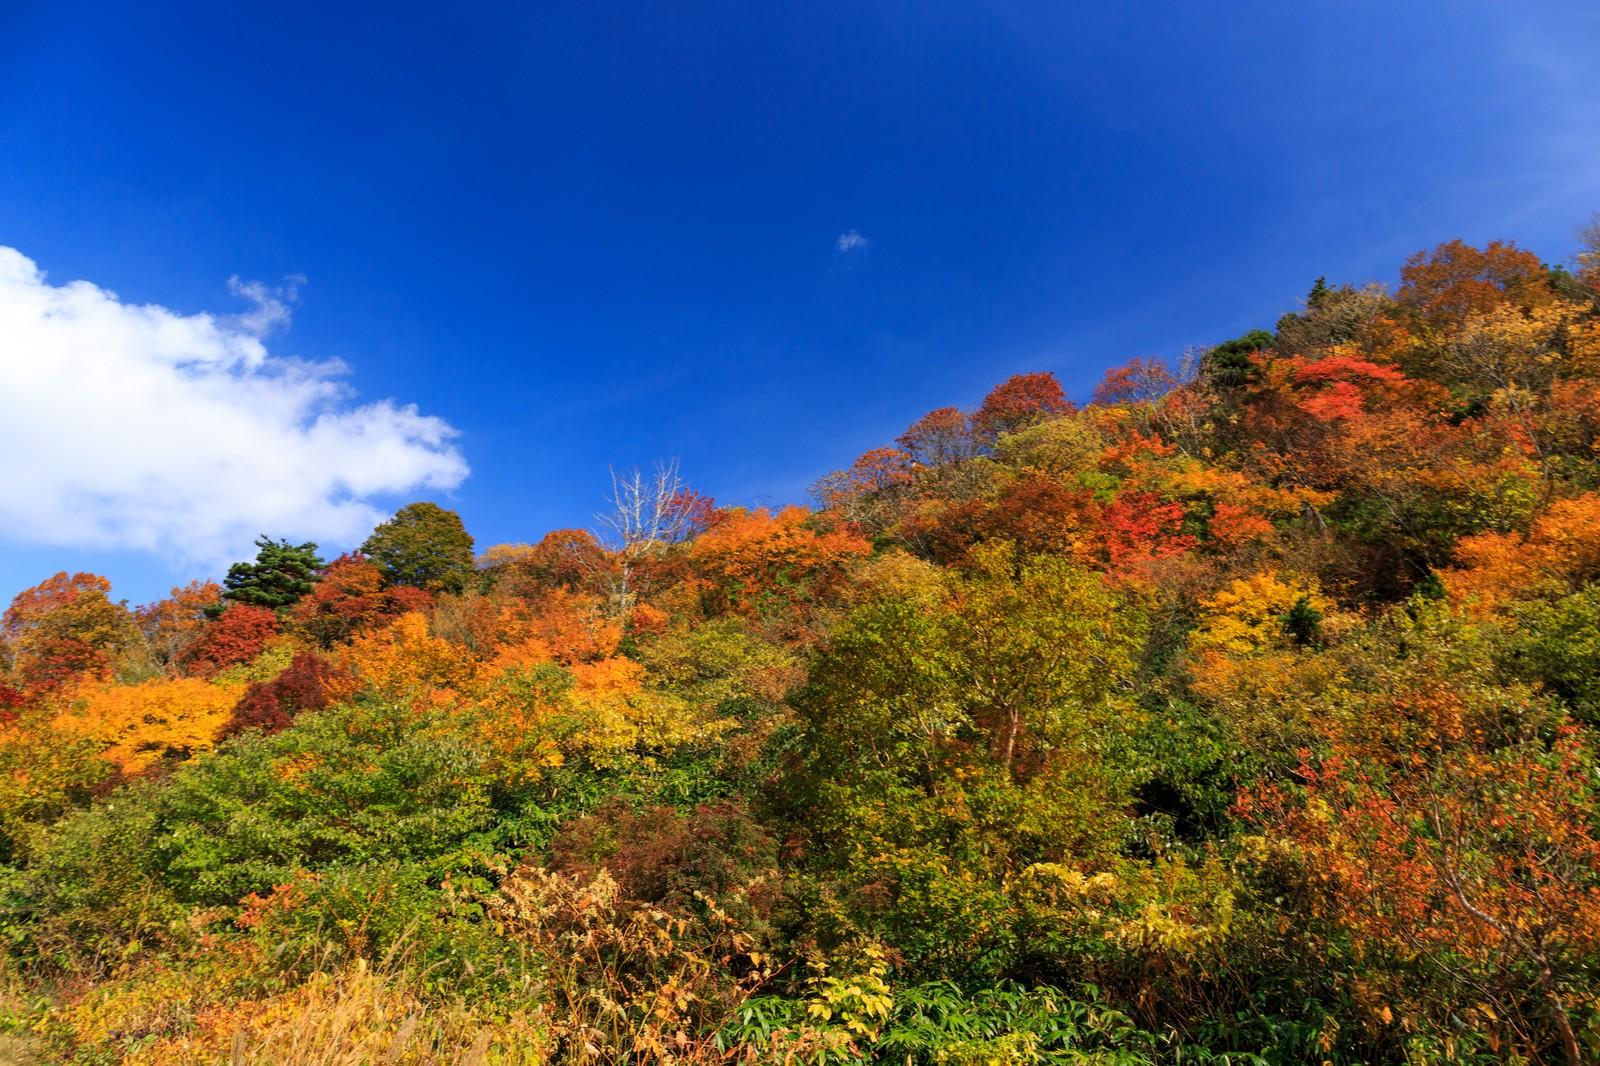 栗駒山の紅葉は絶景!アクセス方法や見ごろは?ドライブもおすすめ